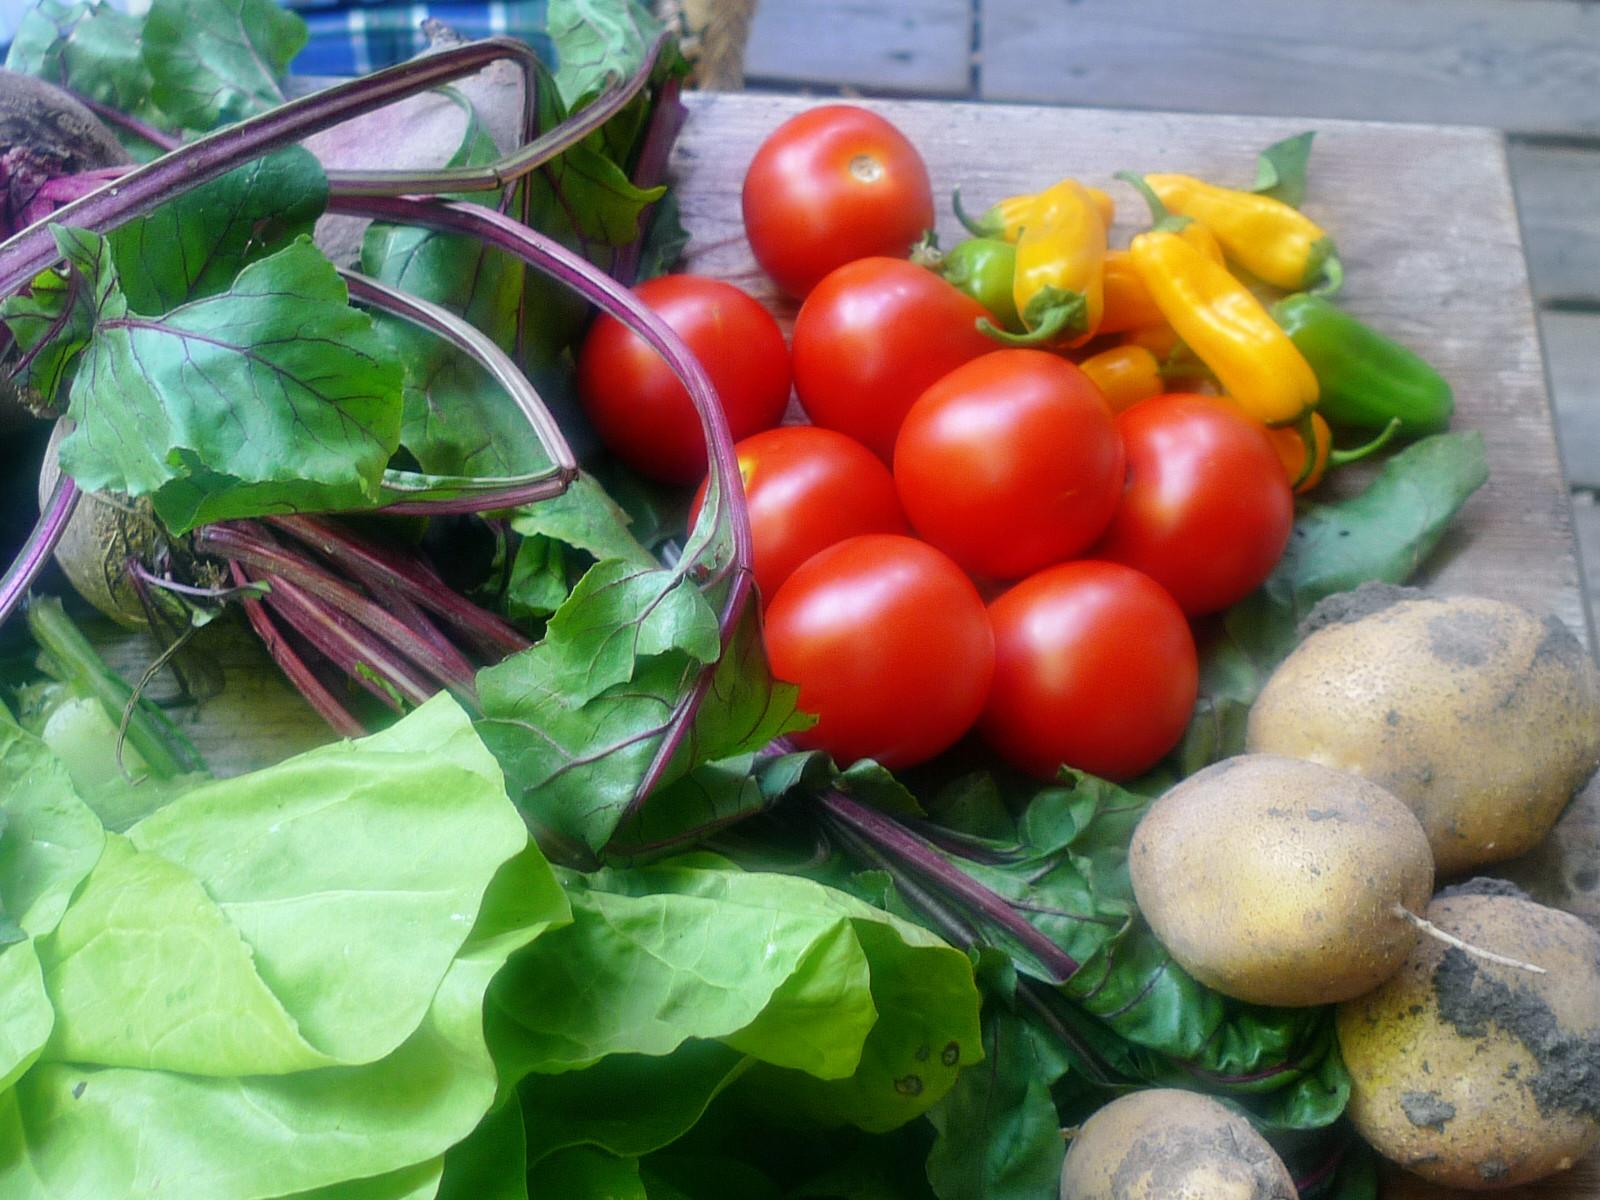 Gemüse vom Markt -22.8 (5)